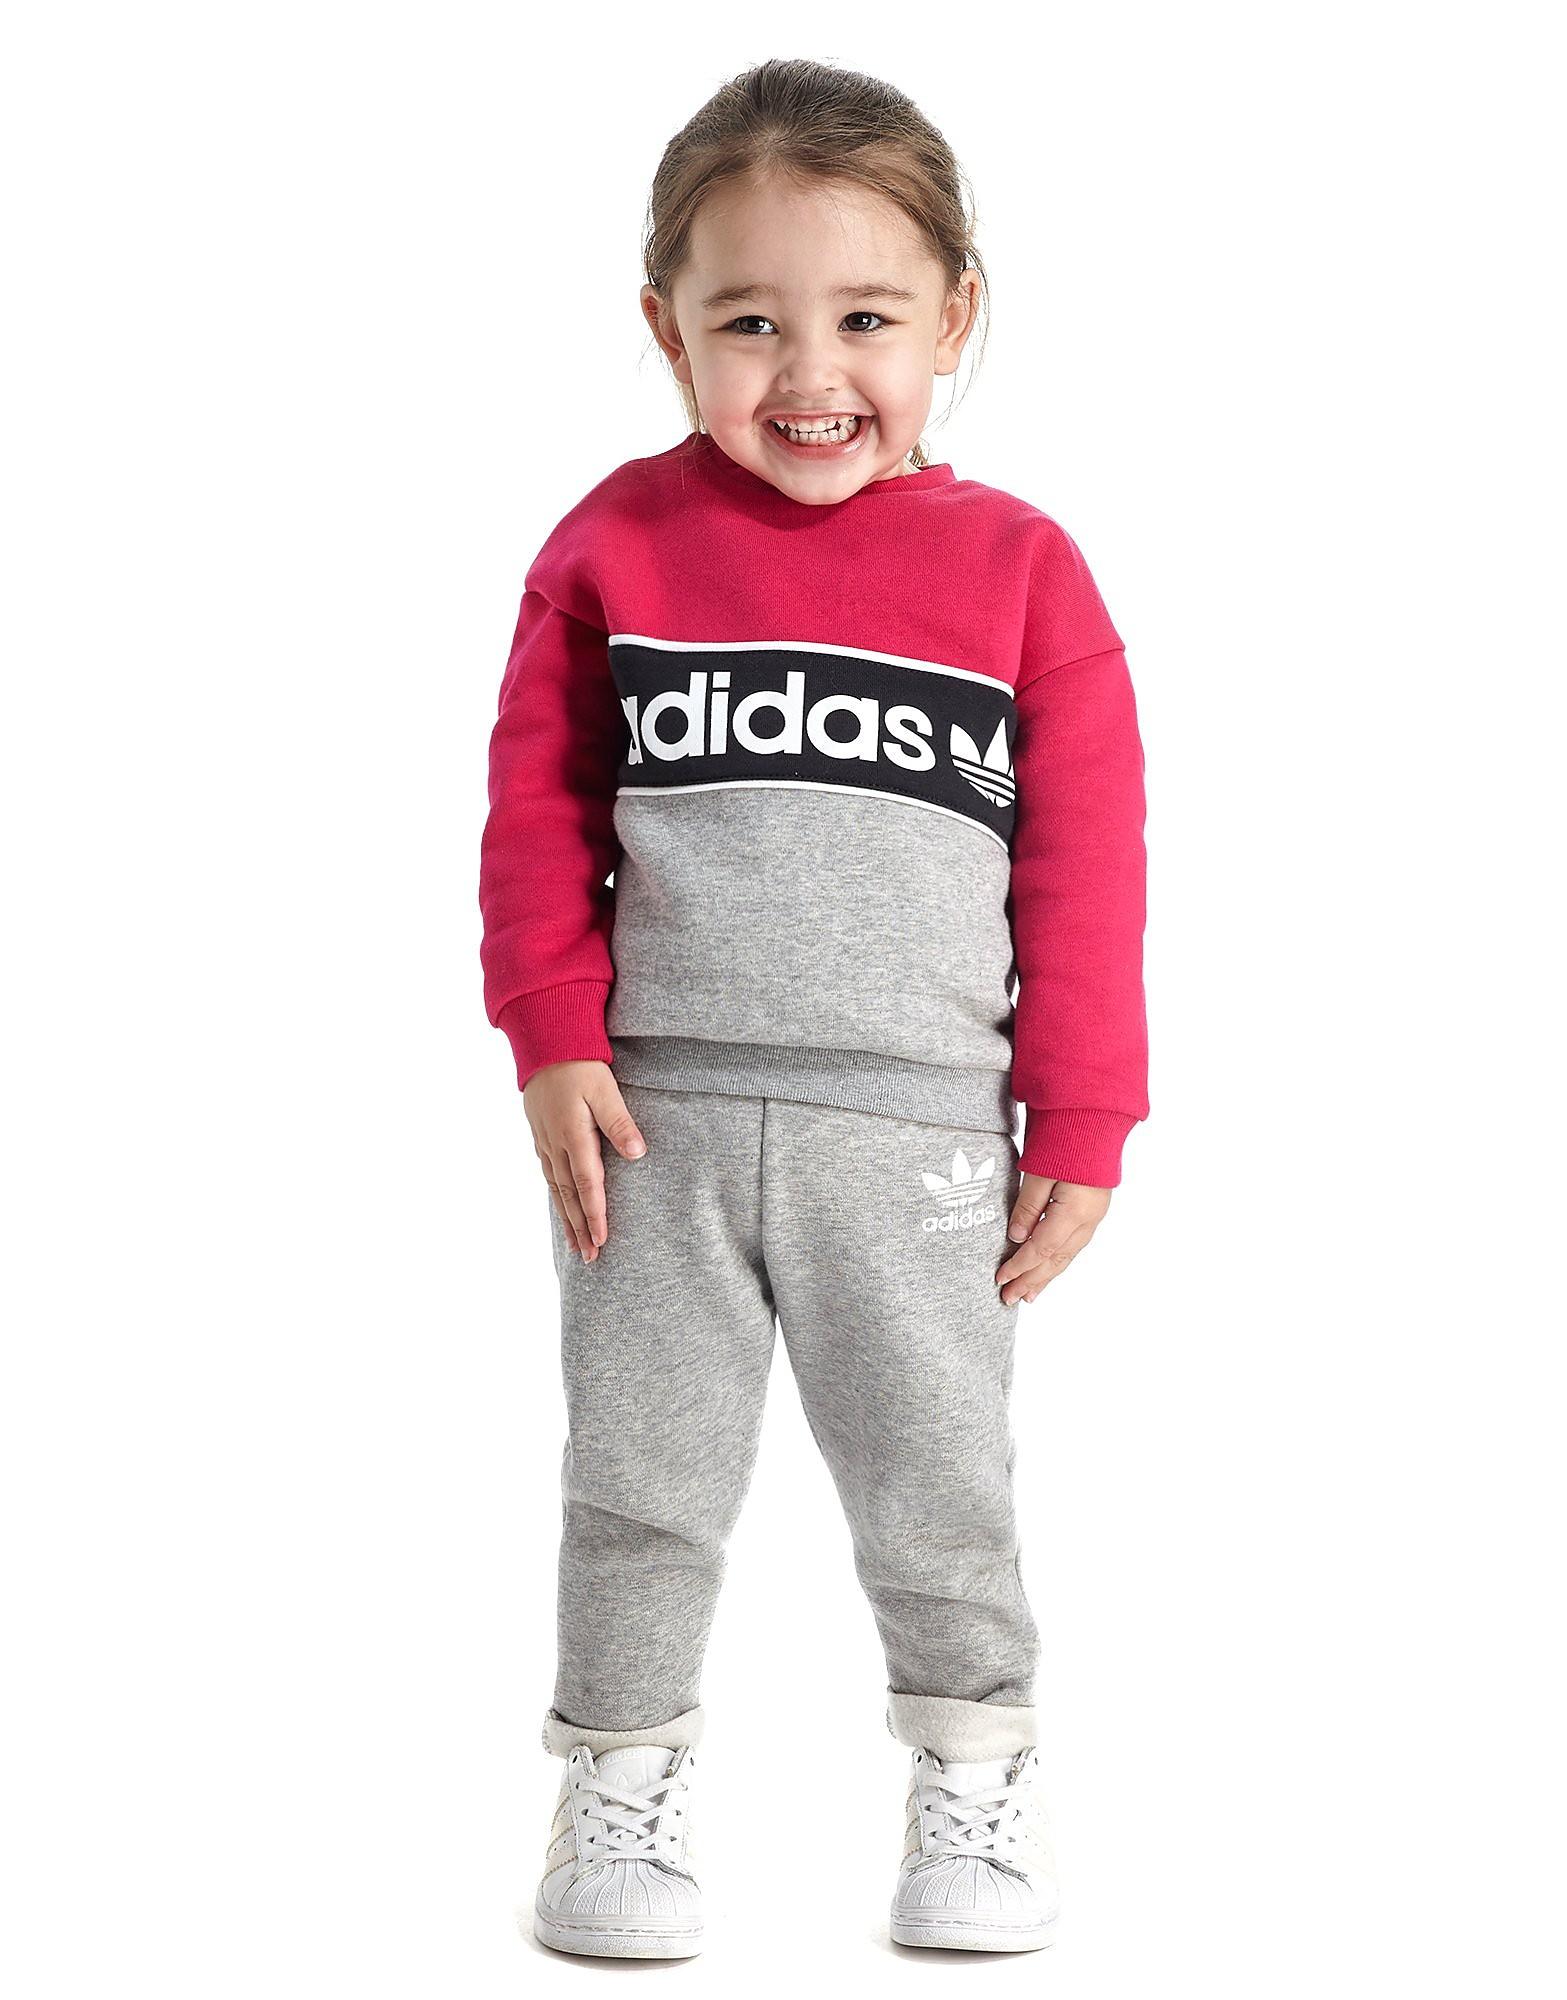 adidas Originals Trainingsanzug für Mädchen mit Rundhalsausschnitt